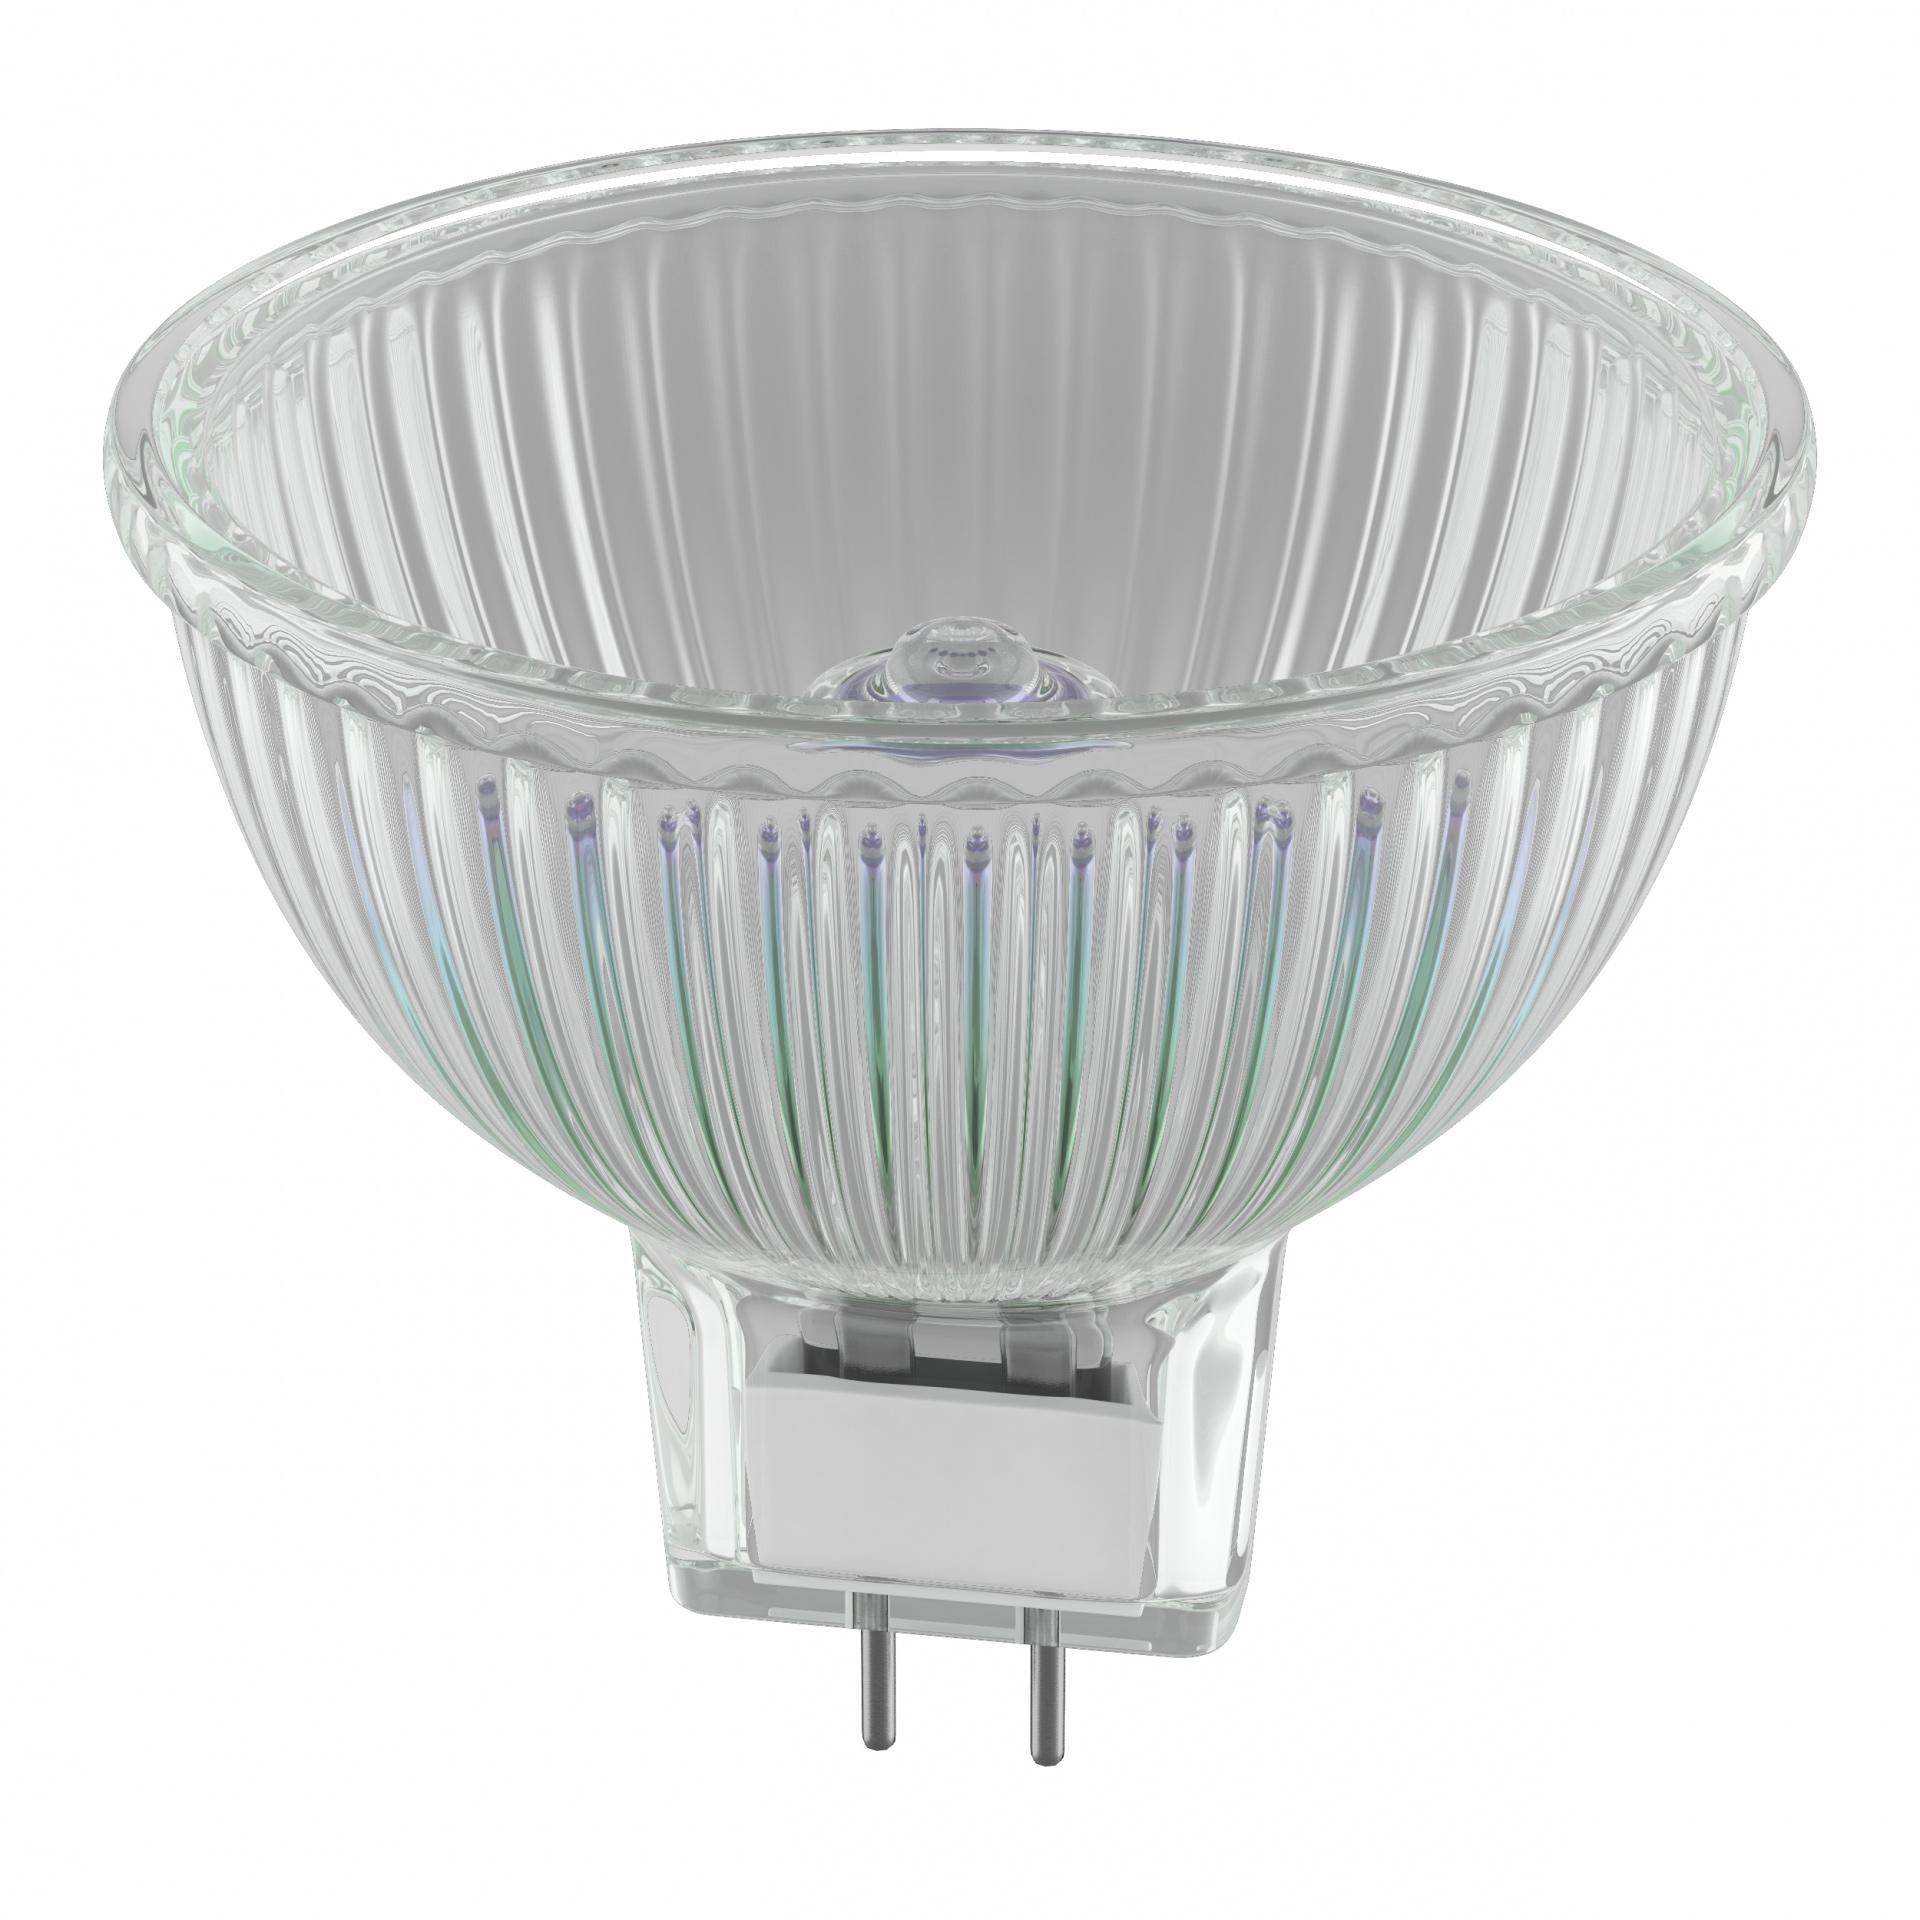 Лампа HAL 12V MR16 G5.3 50W 60G FR RA100 2800K 2000H DIMM Lightstar 921217, купить в СПб, Москве, с доставкой, Санкт-Петербург, интернет-магазин люстр и светильников Starlight, фото в жизни